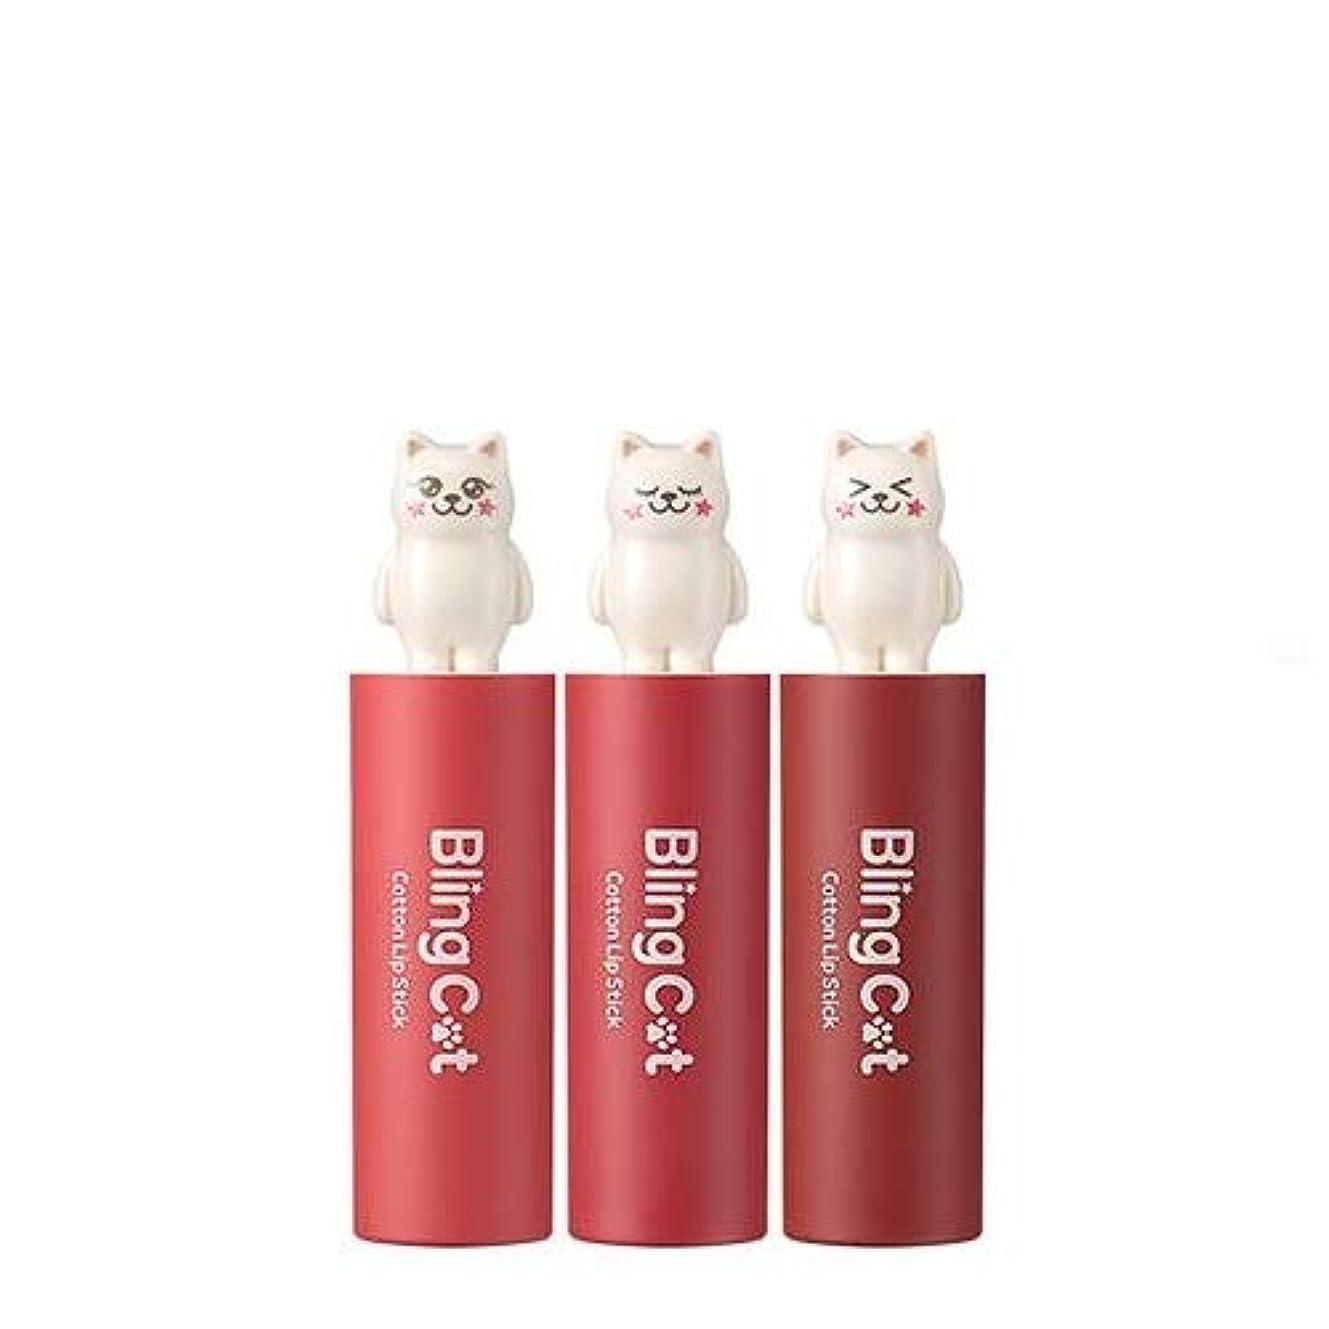 ジュース寝室を掃除する注釈トニーモリー ブリングキャット コットン リップスティック 3.4g / TONYMOLY Bling Cat Cotton Lipstick # 03. Stay Darling [並行輸入品]